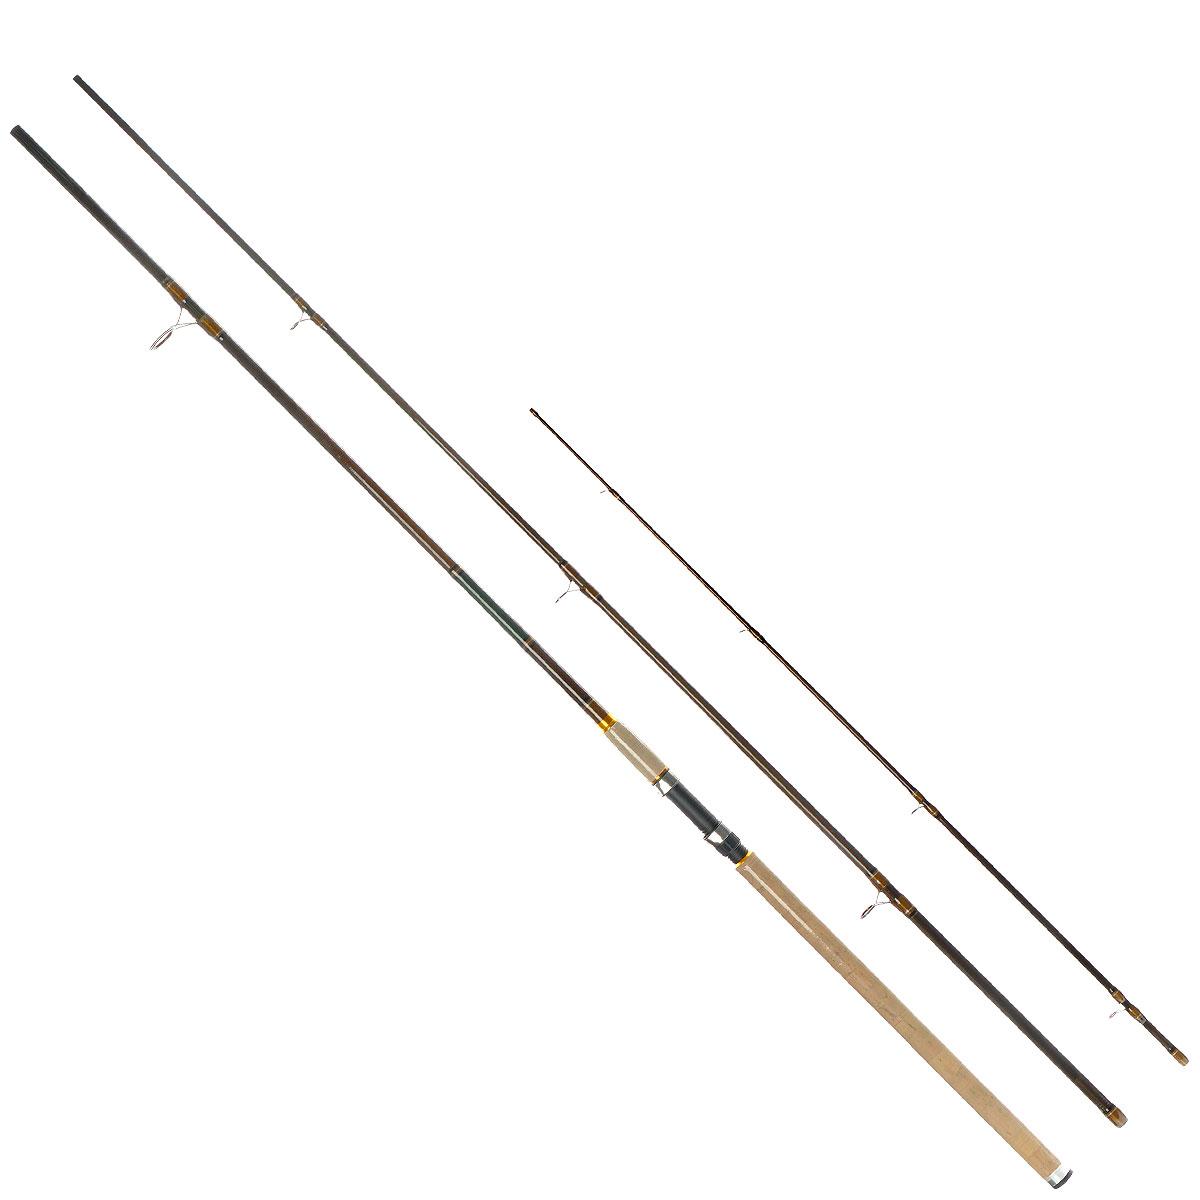 Удилище фидерное Daiwa Procaster Light Feeder, 3,9 м, до 120 г31556Фидерное удилище Daiwa Procaster Light Feeder предназначено для ловли рыбы в стоячей воде или в водоемах с небольшим течением. Рукоятка выполнена из высококачественной пробки, что обеспечивает малый вес. Кольца изготовлены из оксида алюминия. Бланки из высокомодульного графита обеспечивают высокую чувствительность и мощность. В комплекте 3 сменные вершинки. Поставляется в чехле для переноски и хранения. Тест: до 120 г.